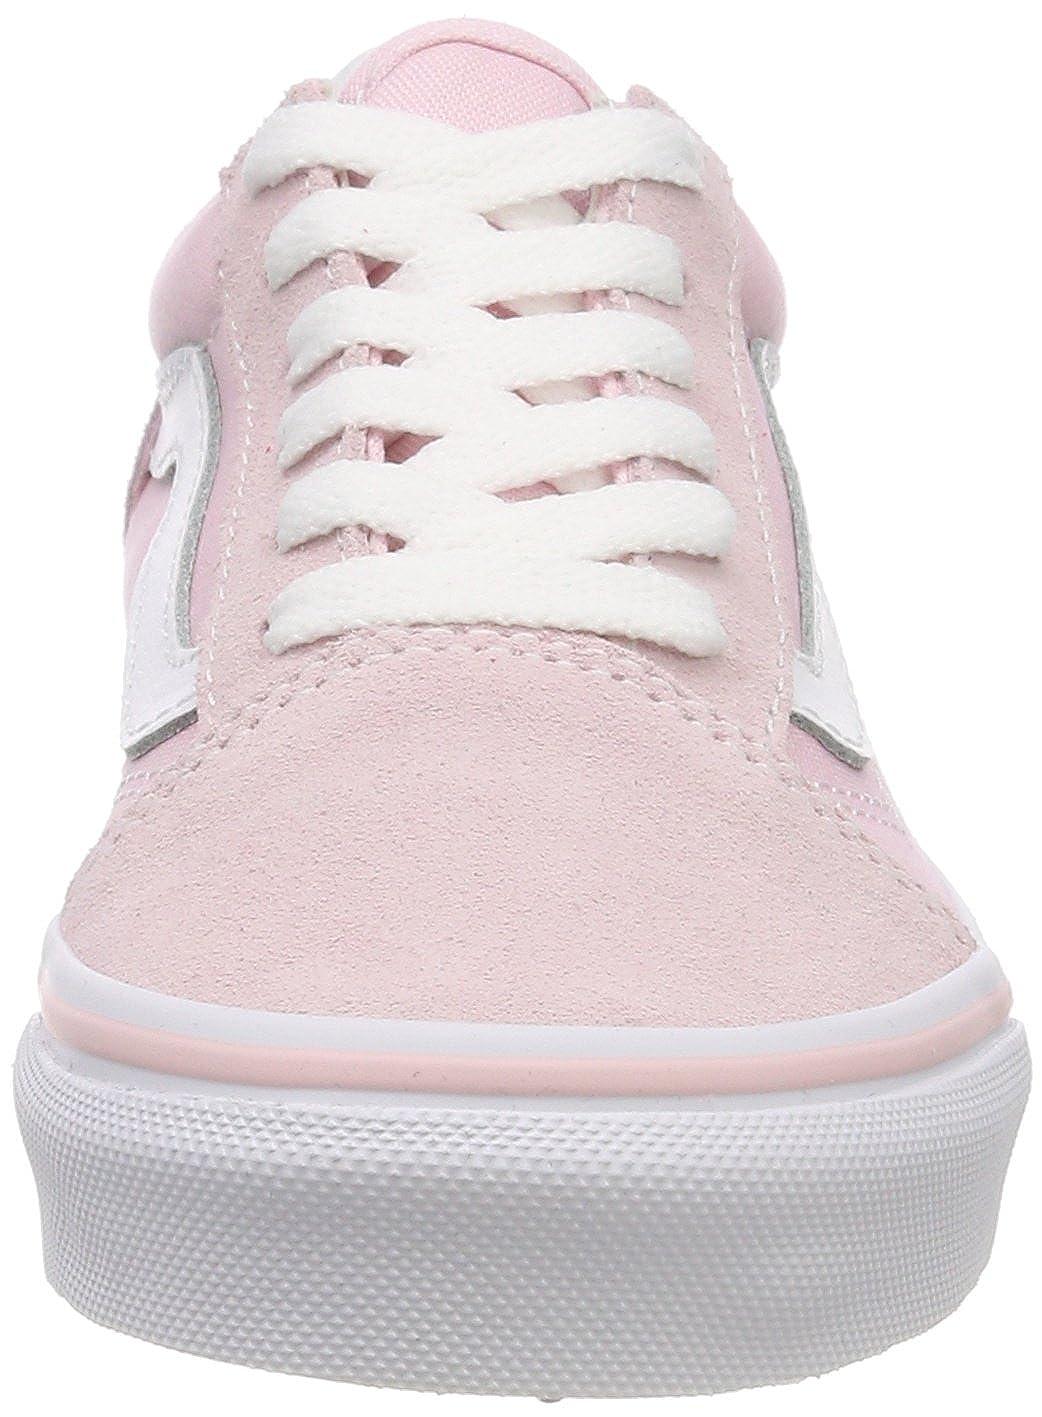 864d15c2cc Vans Unisex Kids  Old Skool Trainers  Amazon.co.uk  Shoes   Bags